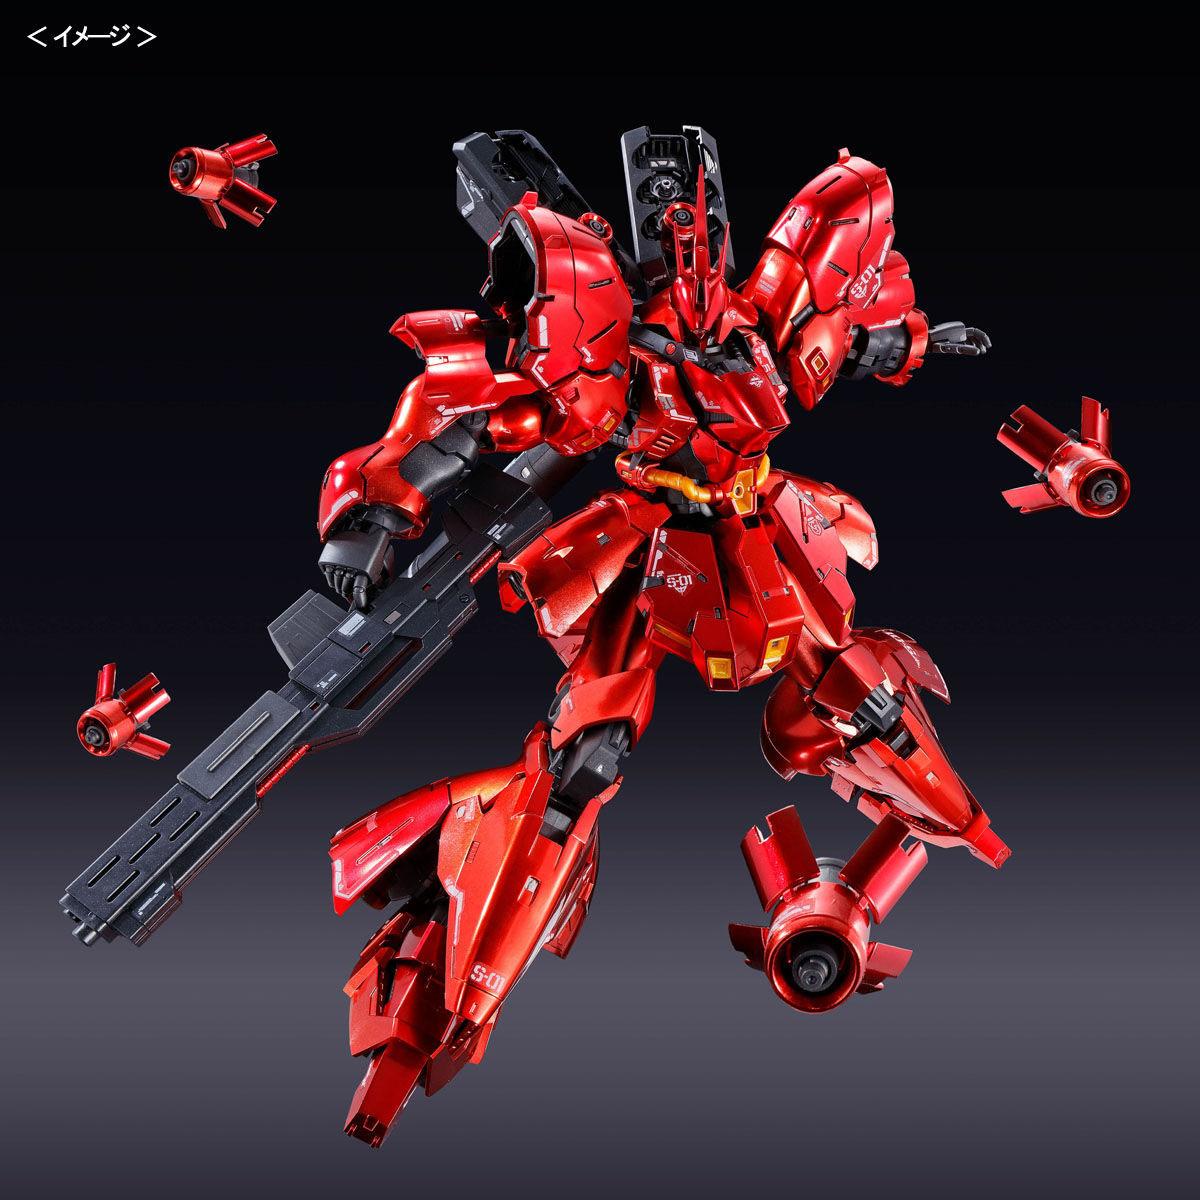 RG 1/144『サザビー[スペシャルコーティング]』機動戦士ガンダム 逆襲のシャア プラモデル-006